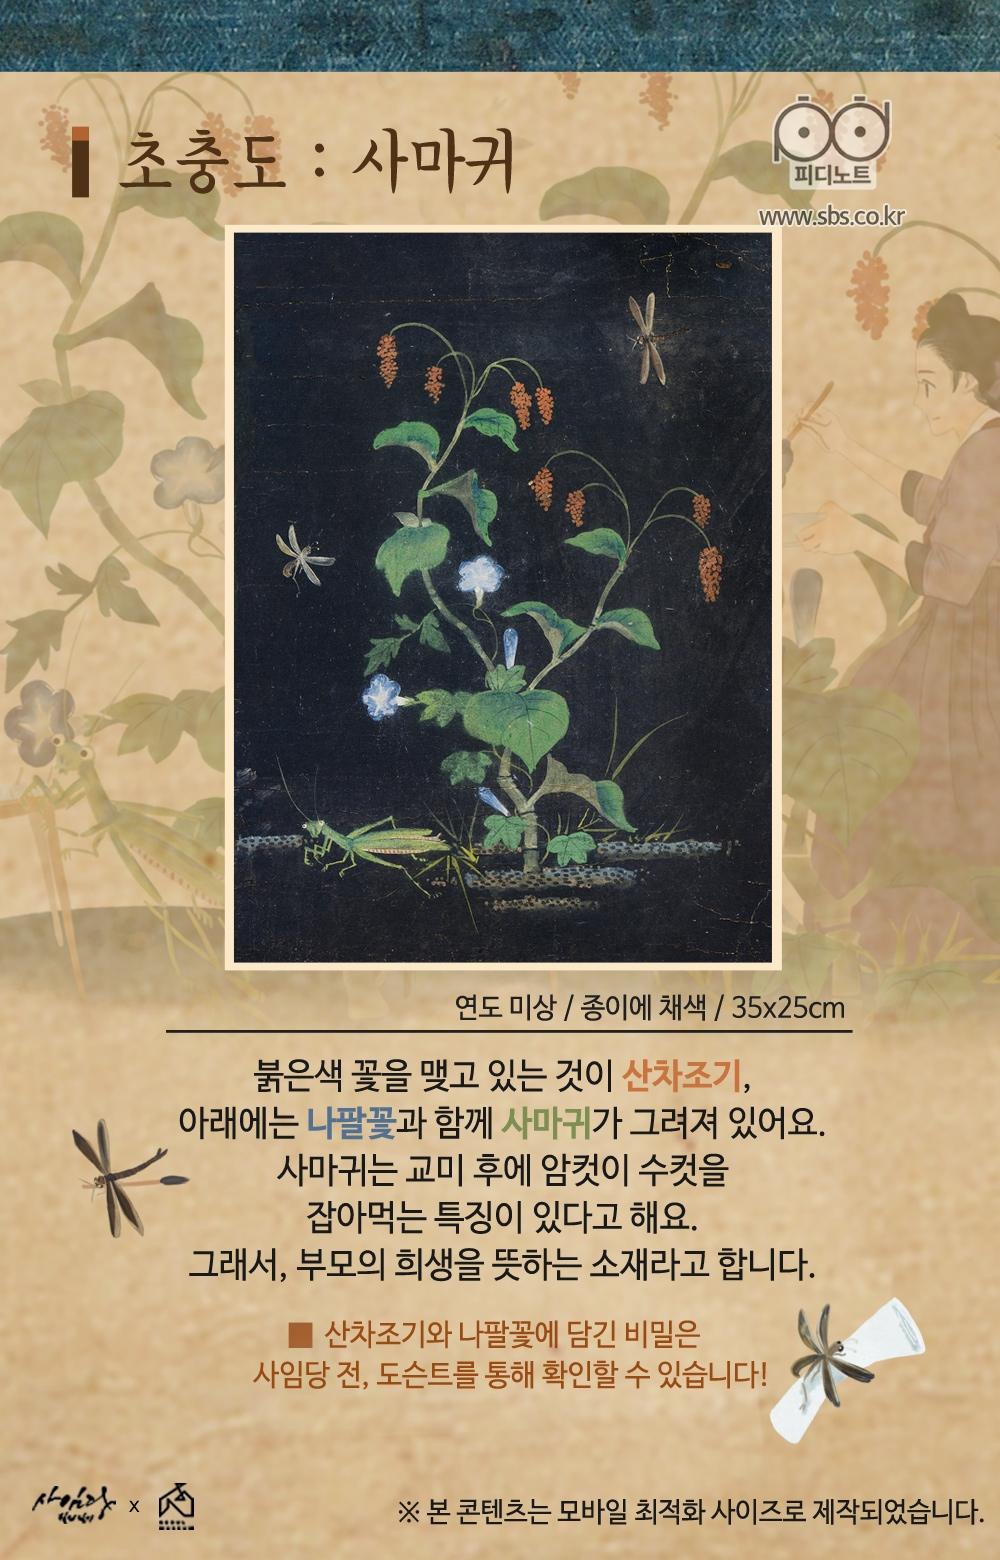 초충도(사마귀), 붉은 꽃을 맺고 있는 것이 산차조기, 아래에는 나팔꽃과 함께 사마귀가 그려져 있어요.